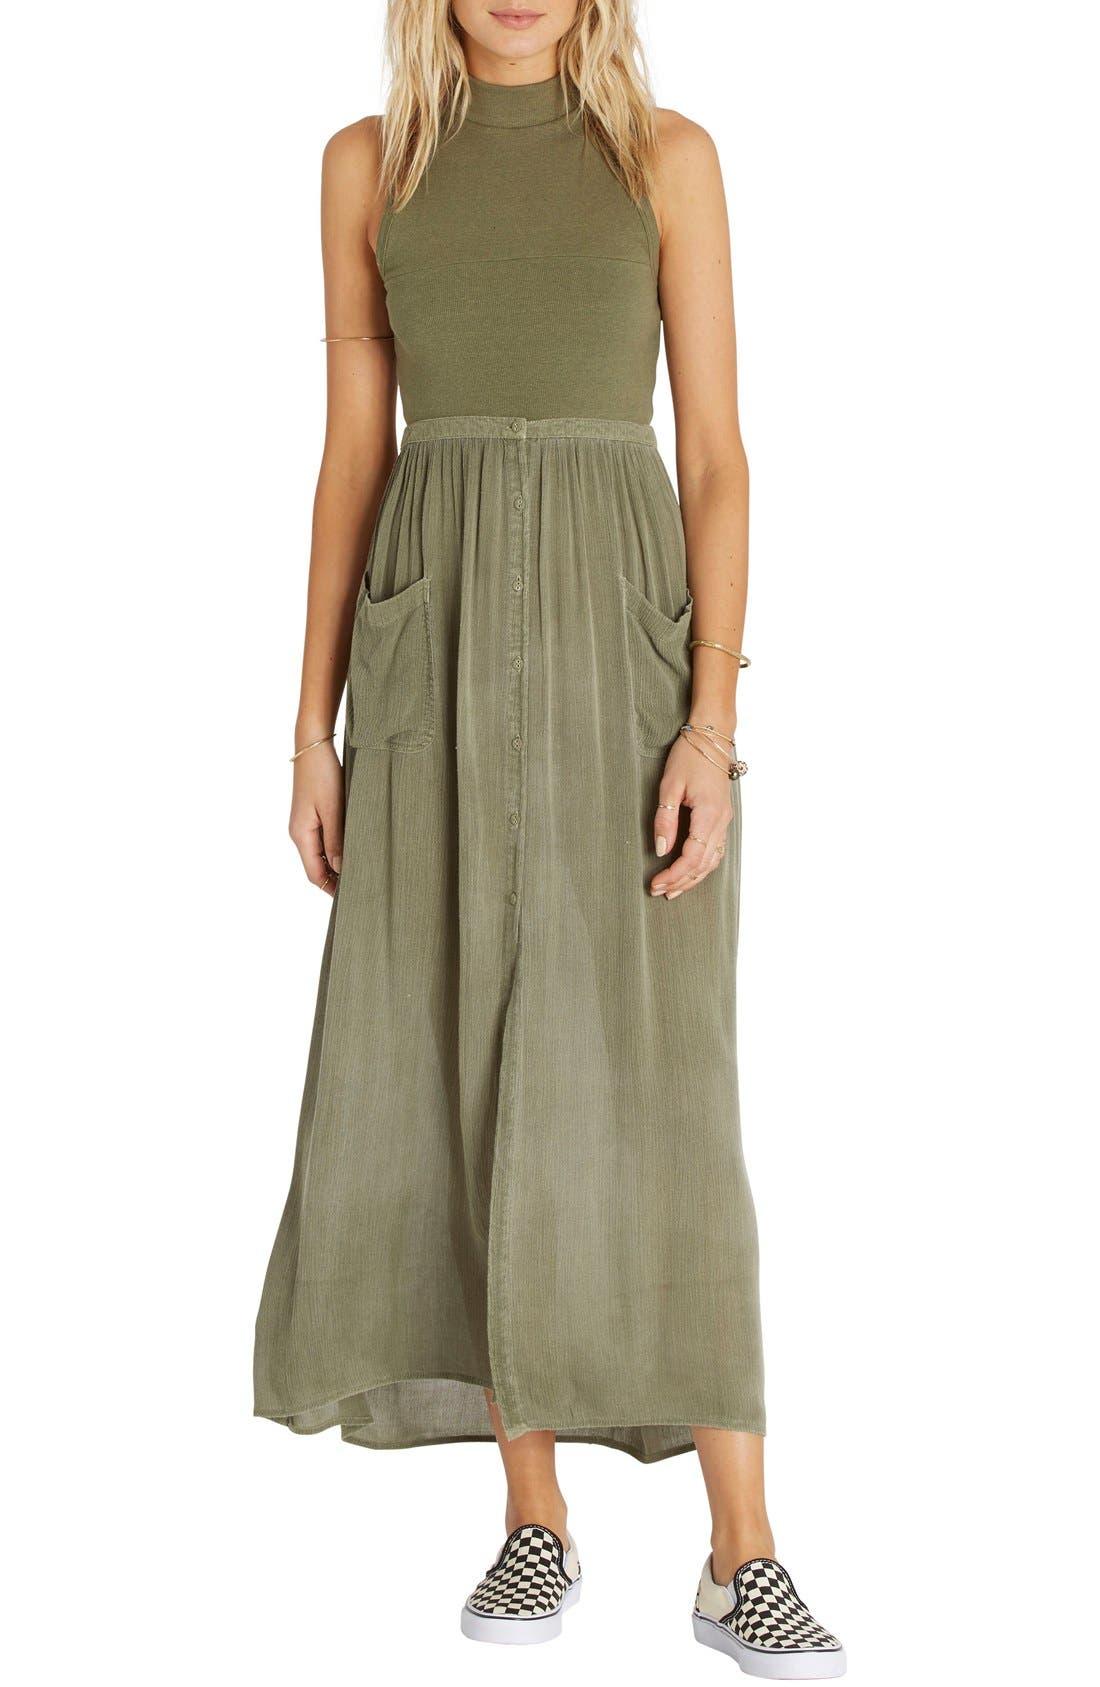 Alternate Image 1 Selected - Billabong Honey High Waist Maxi Skirt